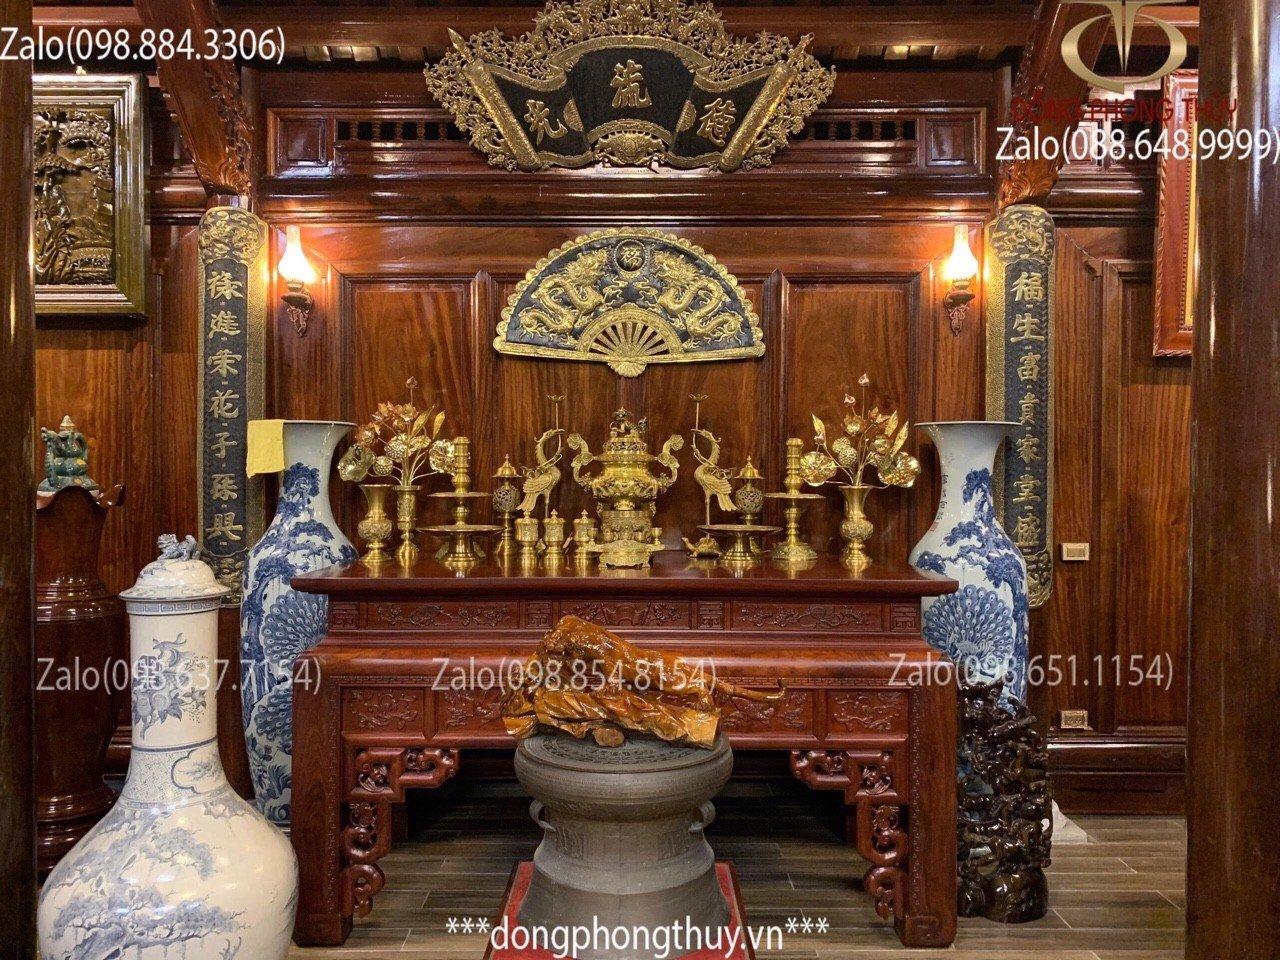 cách sắp xếp đỉnh đồng trên bàn thờ